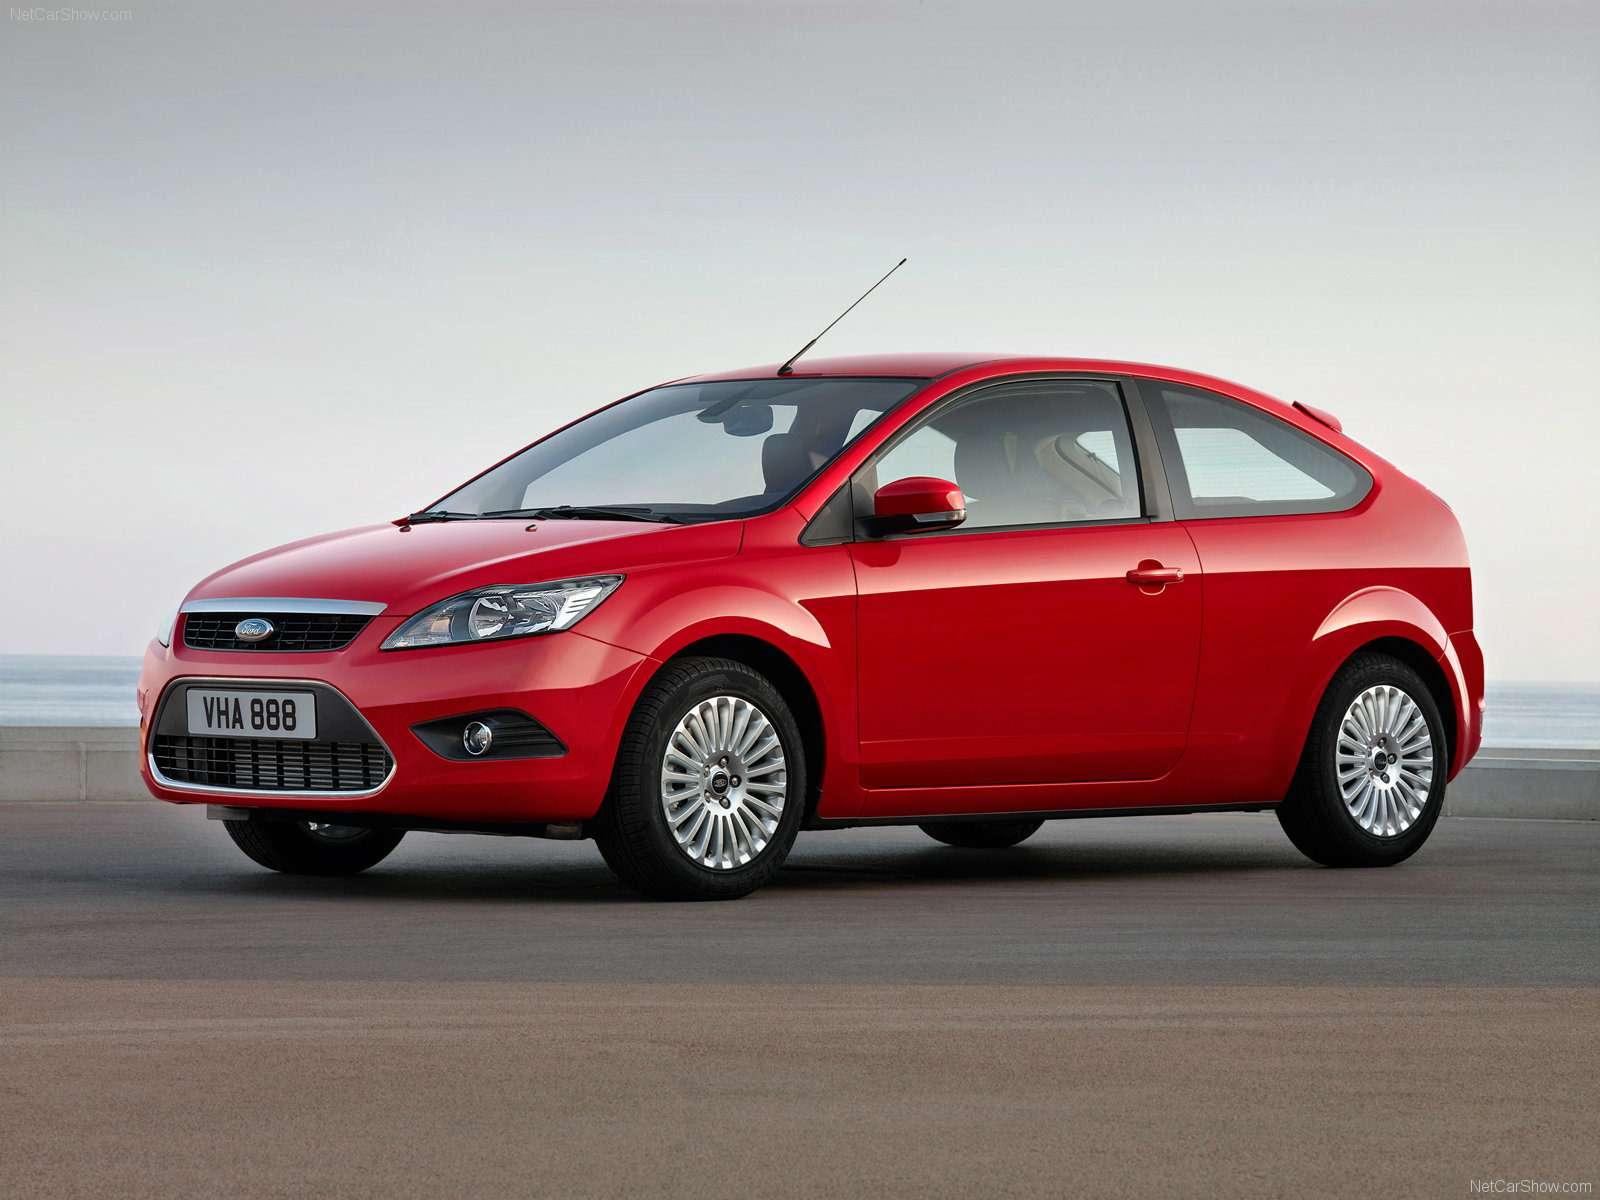 Ford-Focus_European_Version_2008_1600x1200_wallpaper_02